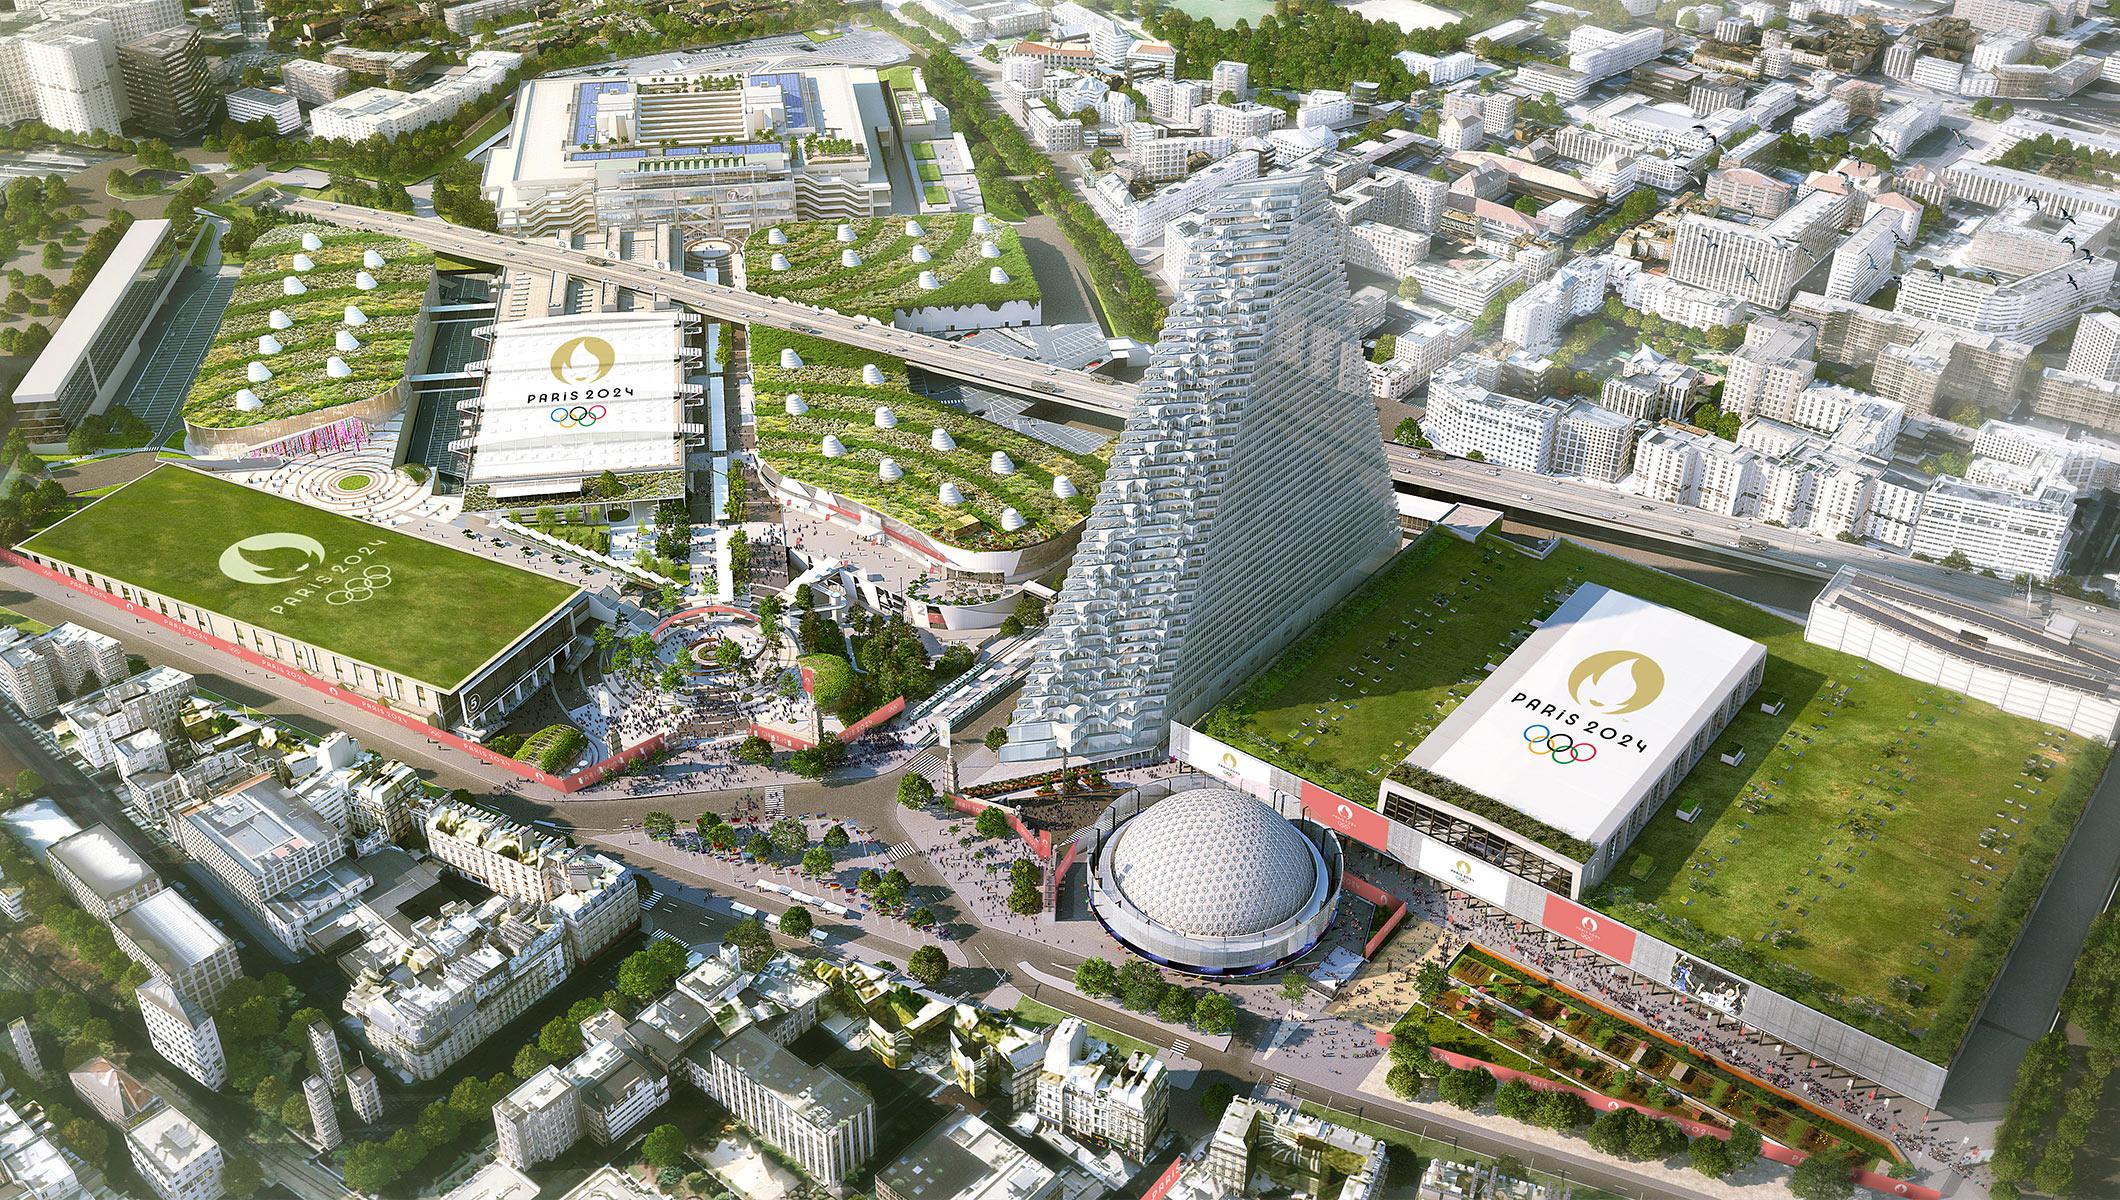 Parigi 2024, approvato il progetto preliminare